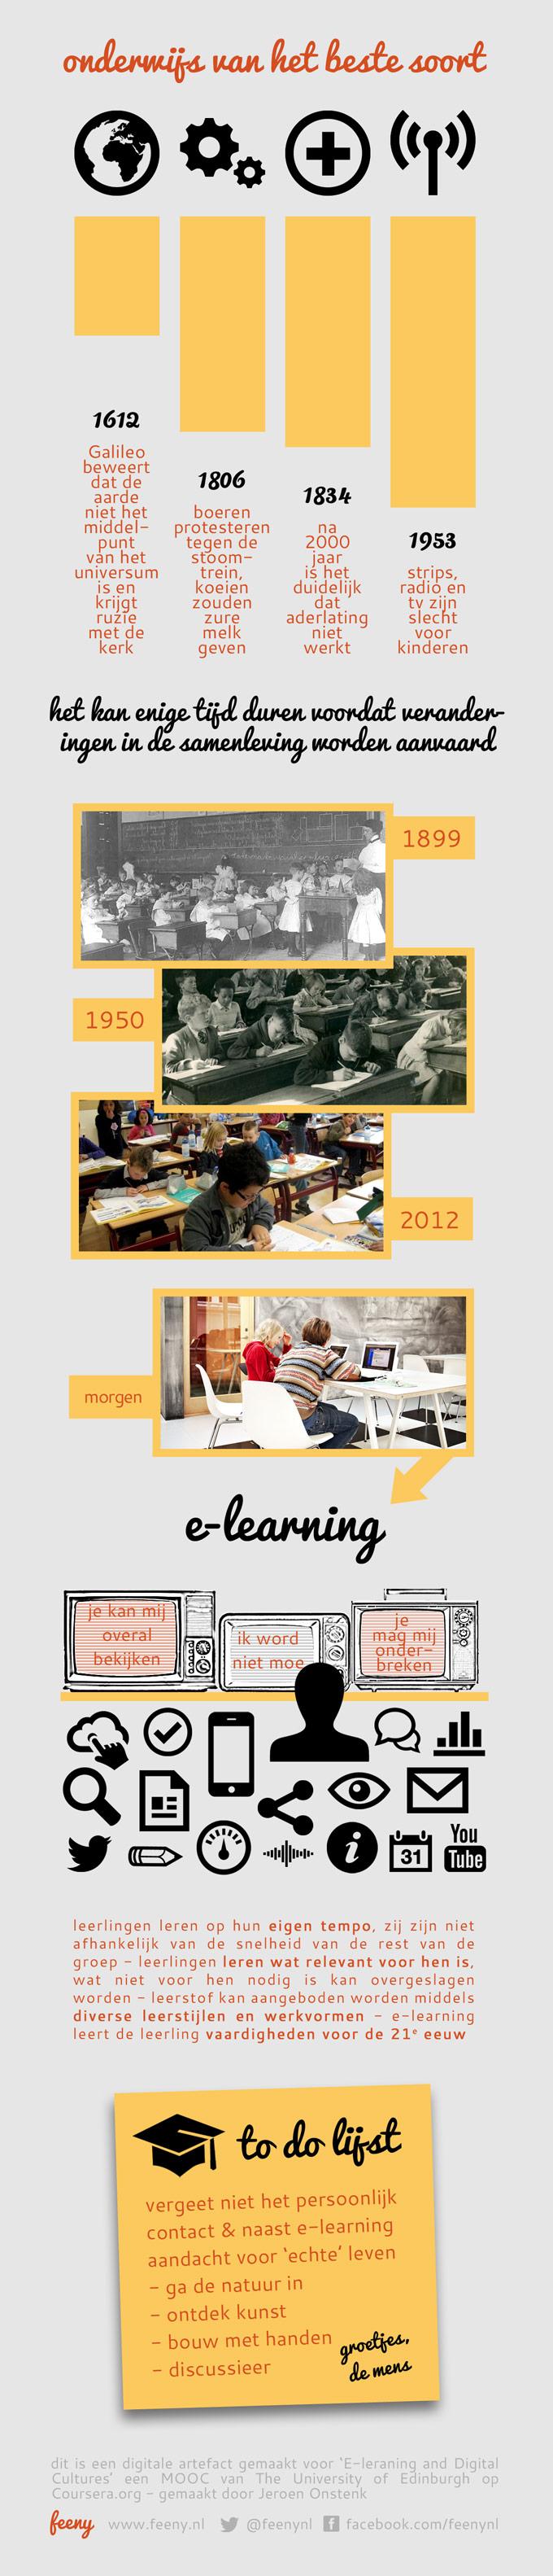 E-learning, het onderwijs van morgen